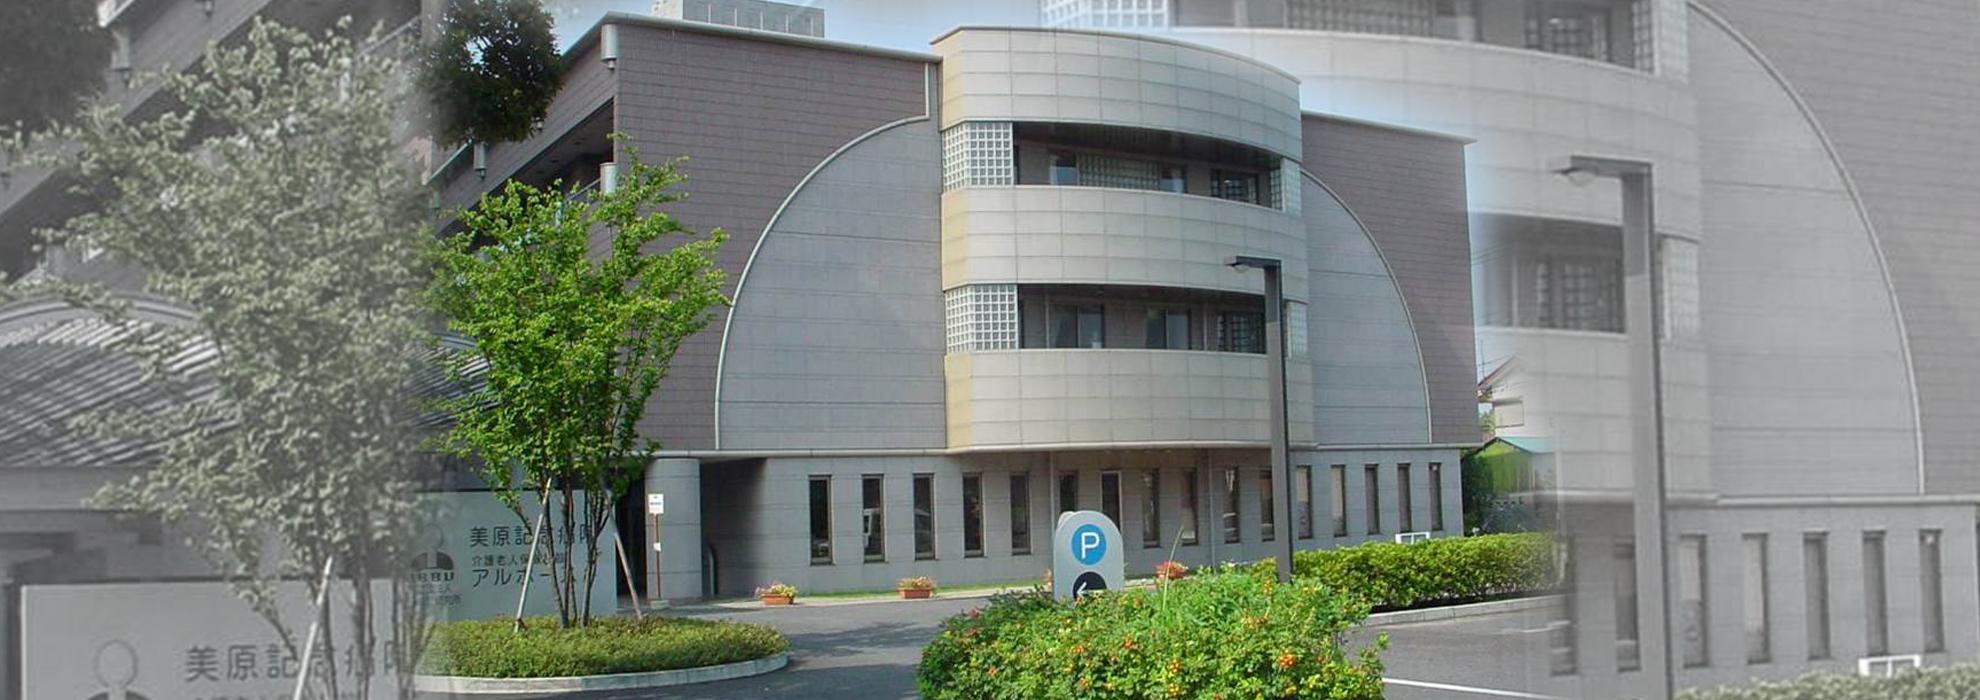 公益財団法人 脳血管研究所 介護老人保健施設 アルボース